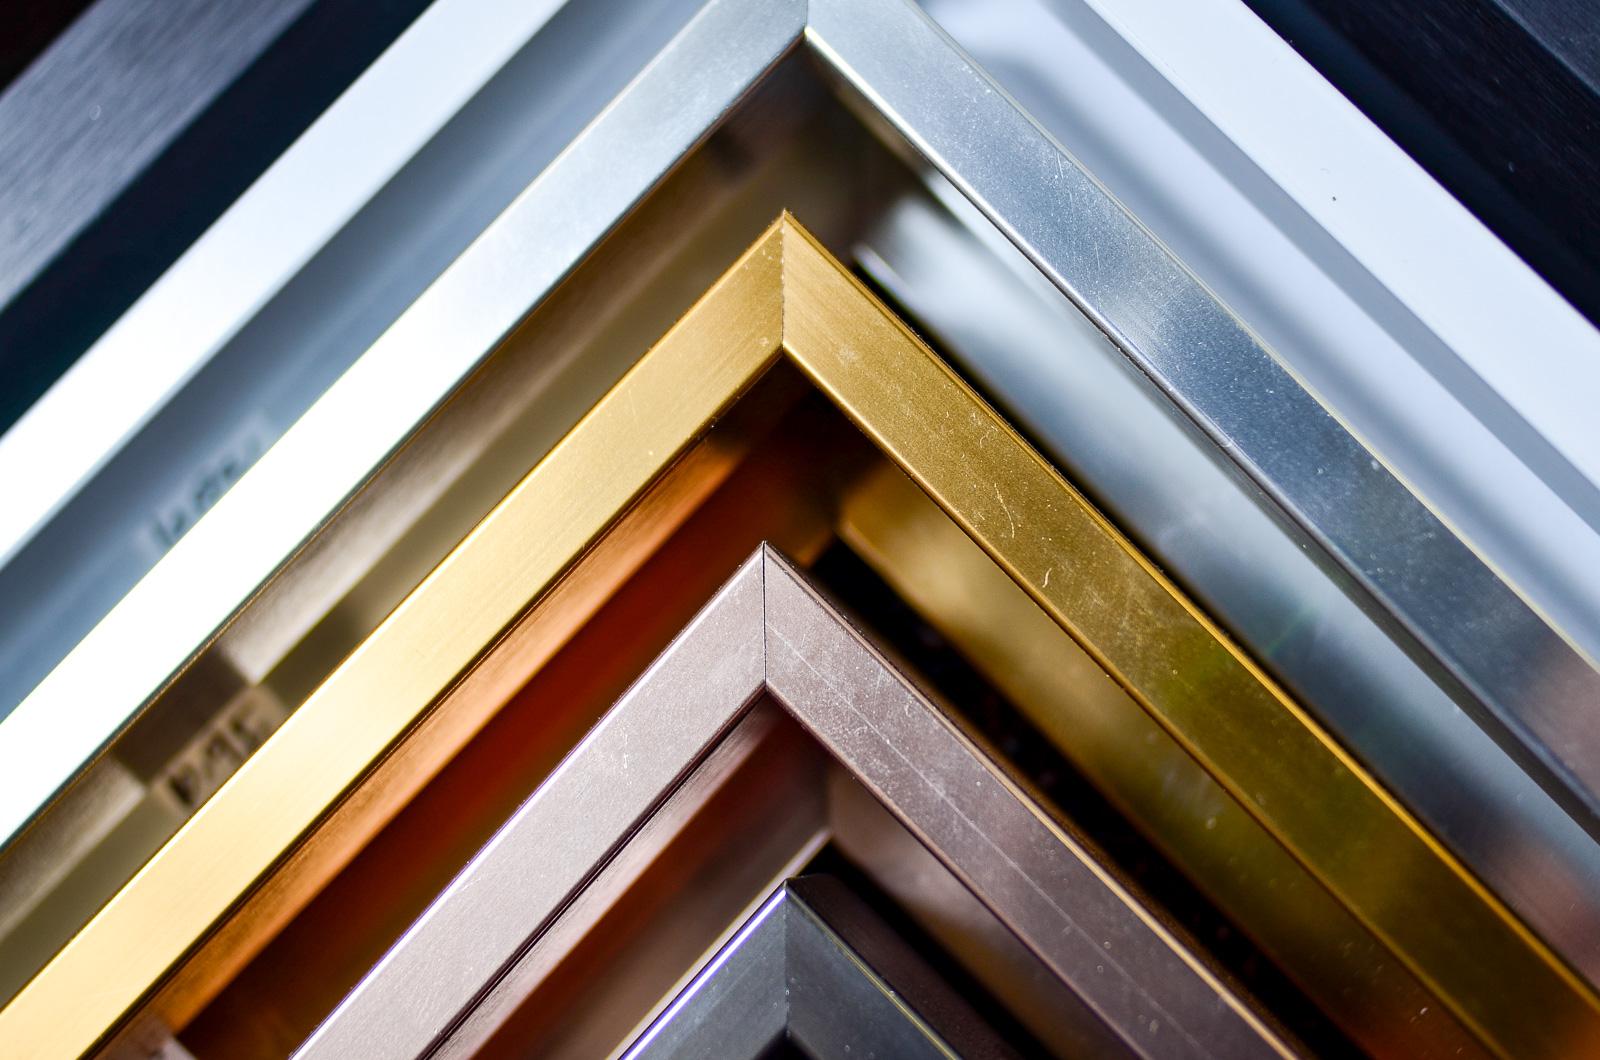 Samples: Metals